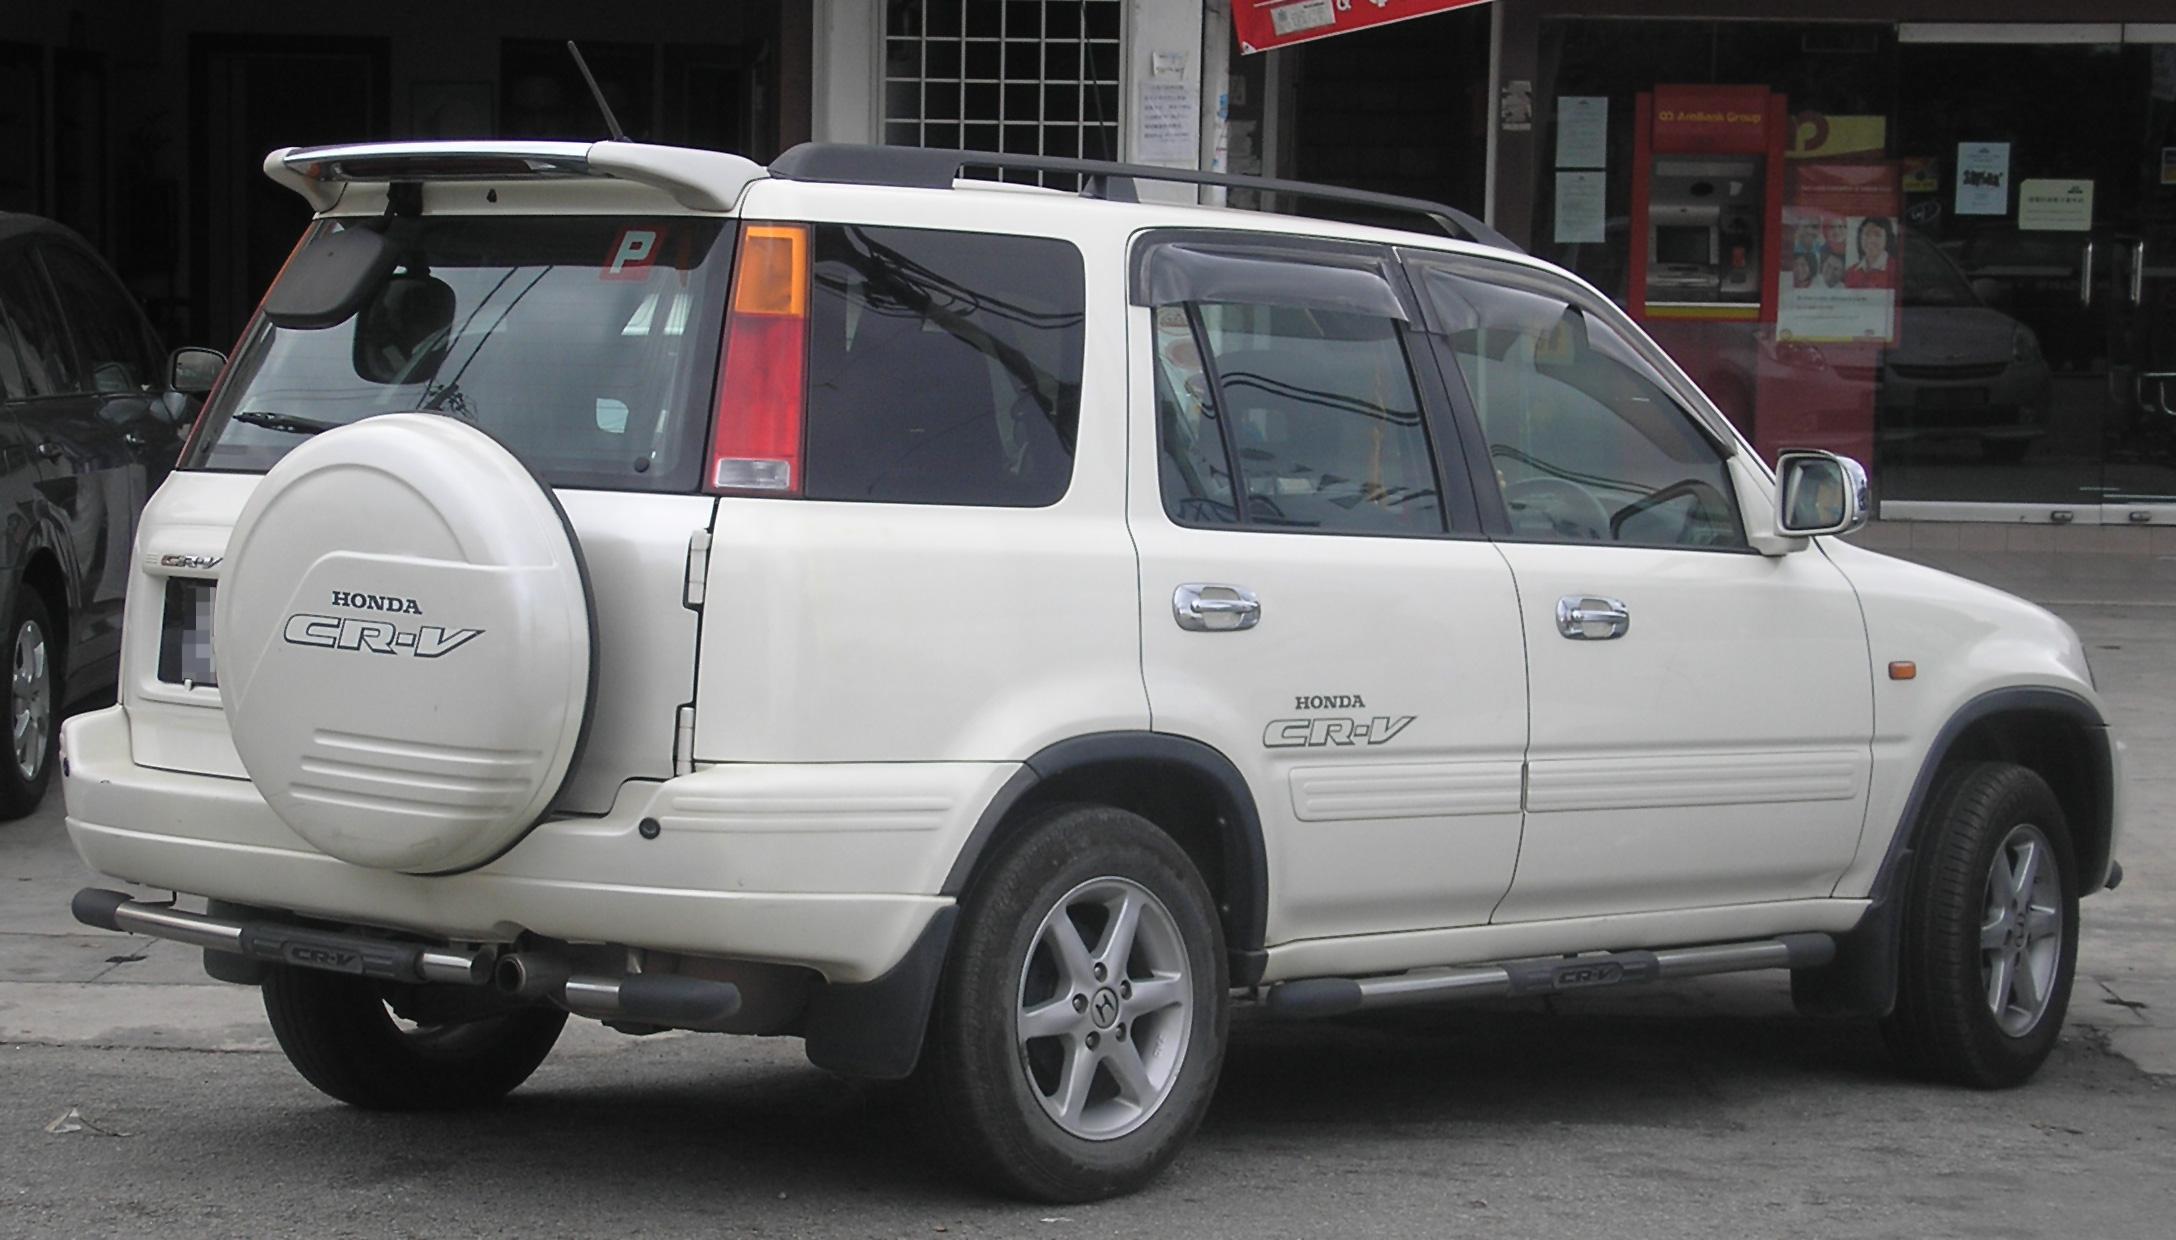 Image Result For Honda Crv